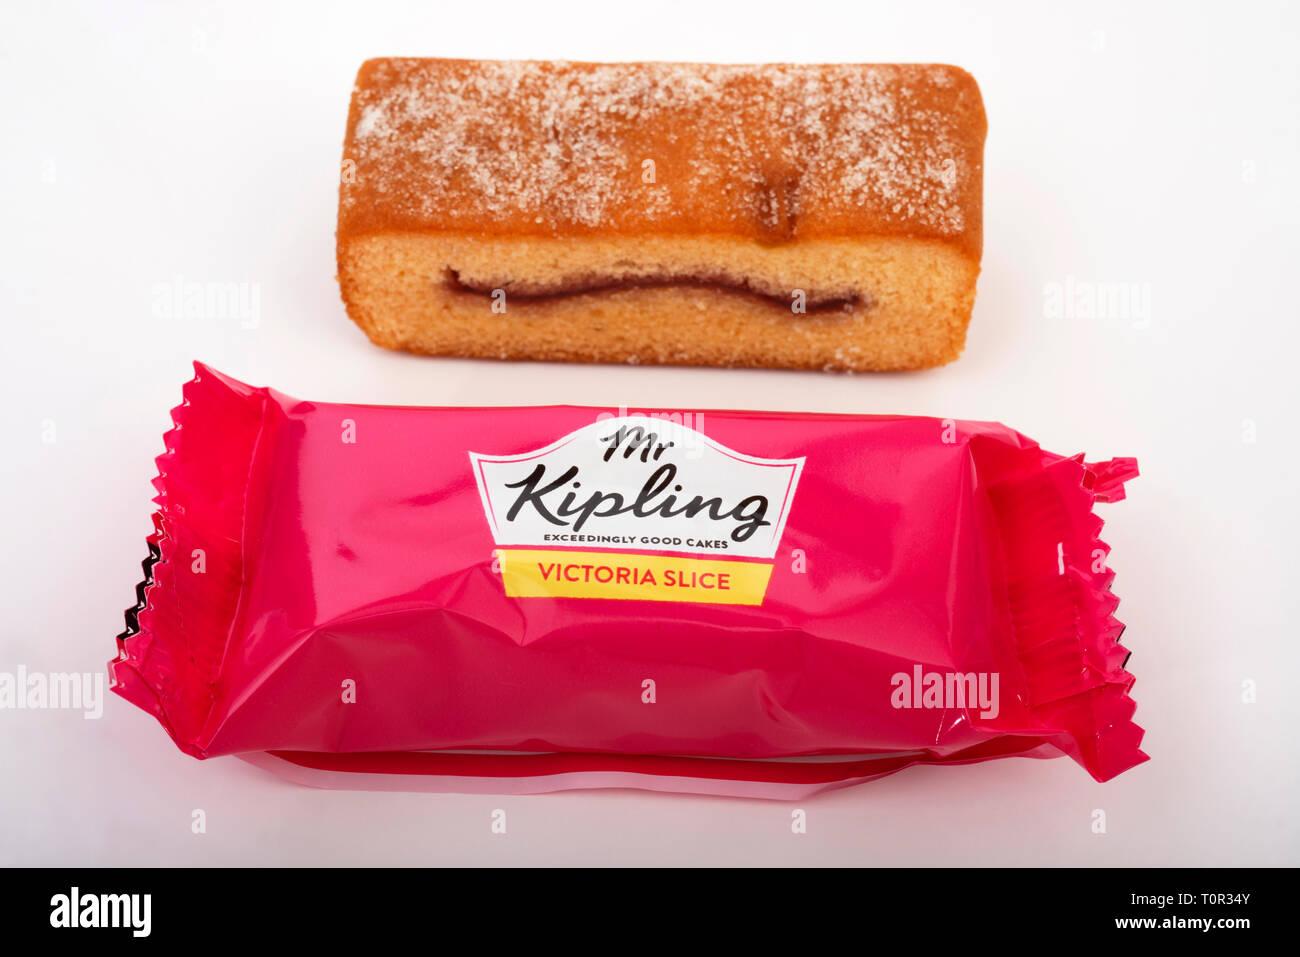 Mr Kipling Victoria Slice - Stock Image